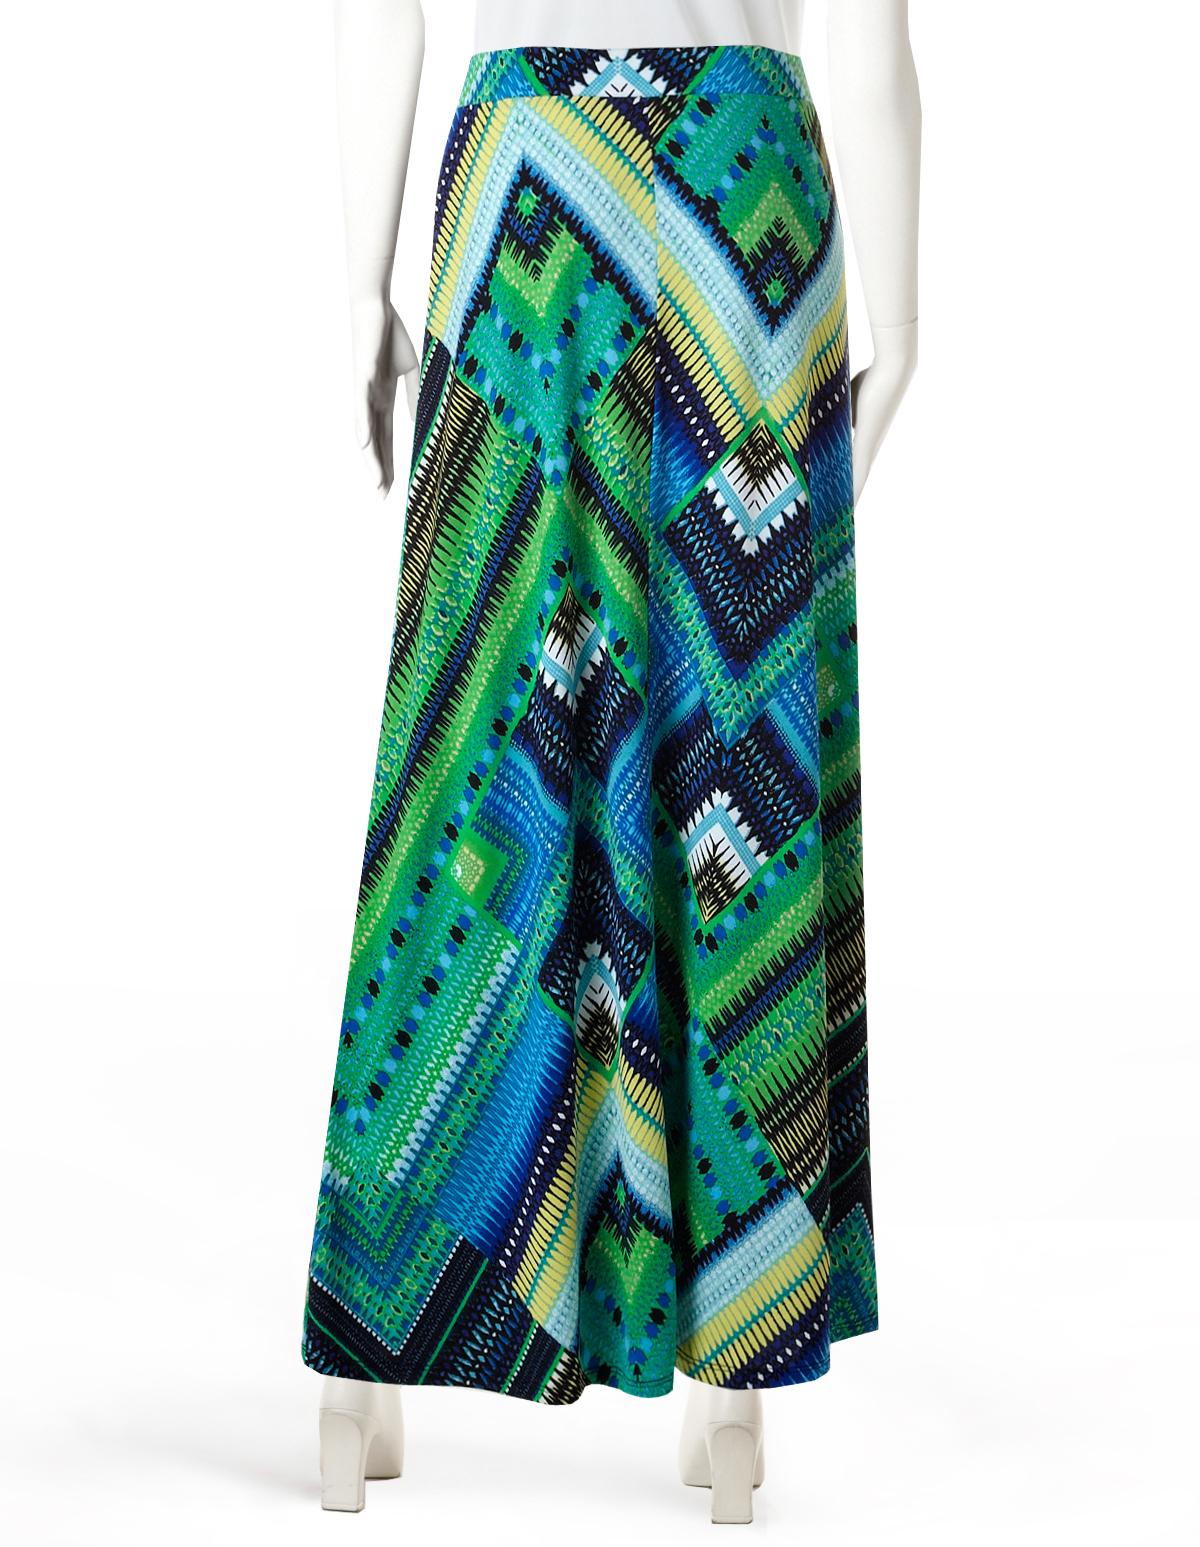 Tribal Print Skirt 71